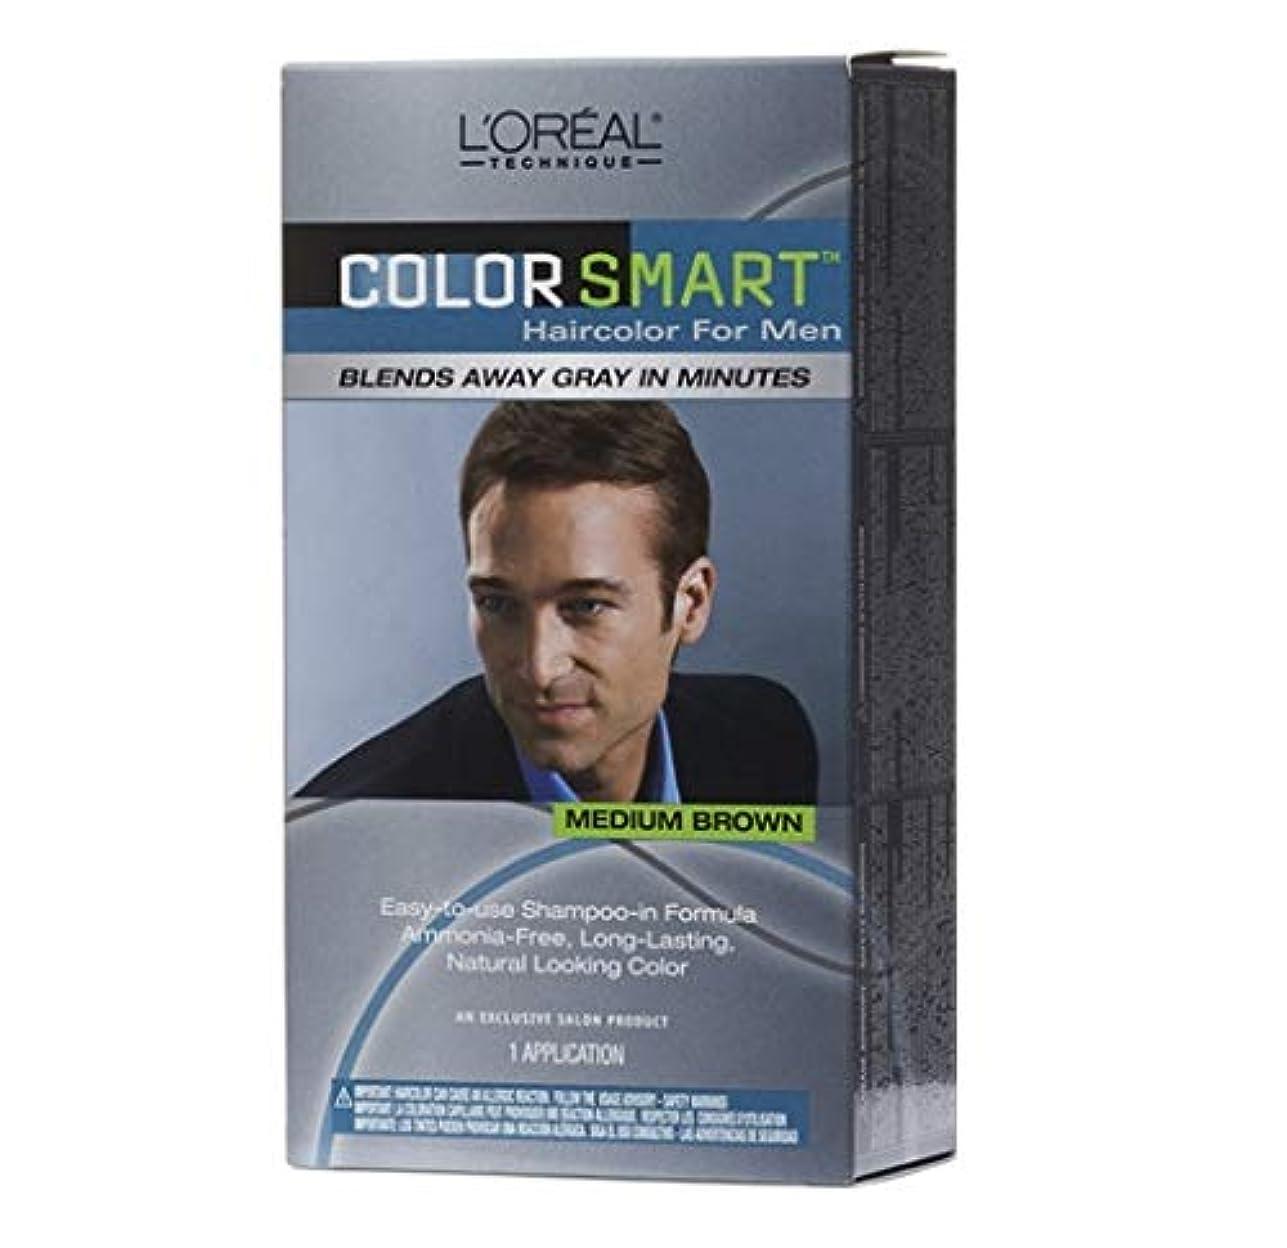 祝福疑問を超えてテセウスL'Oreal Technique - Color Smart for Men - Medium Brown KIT